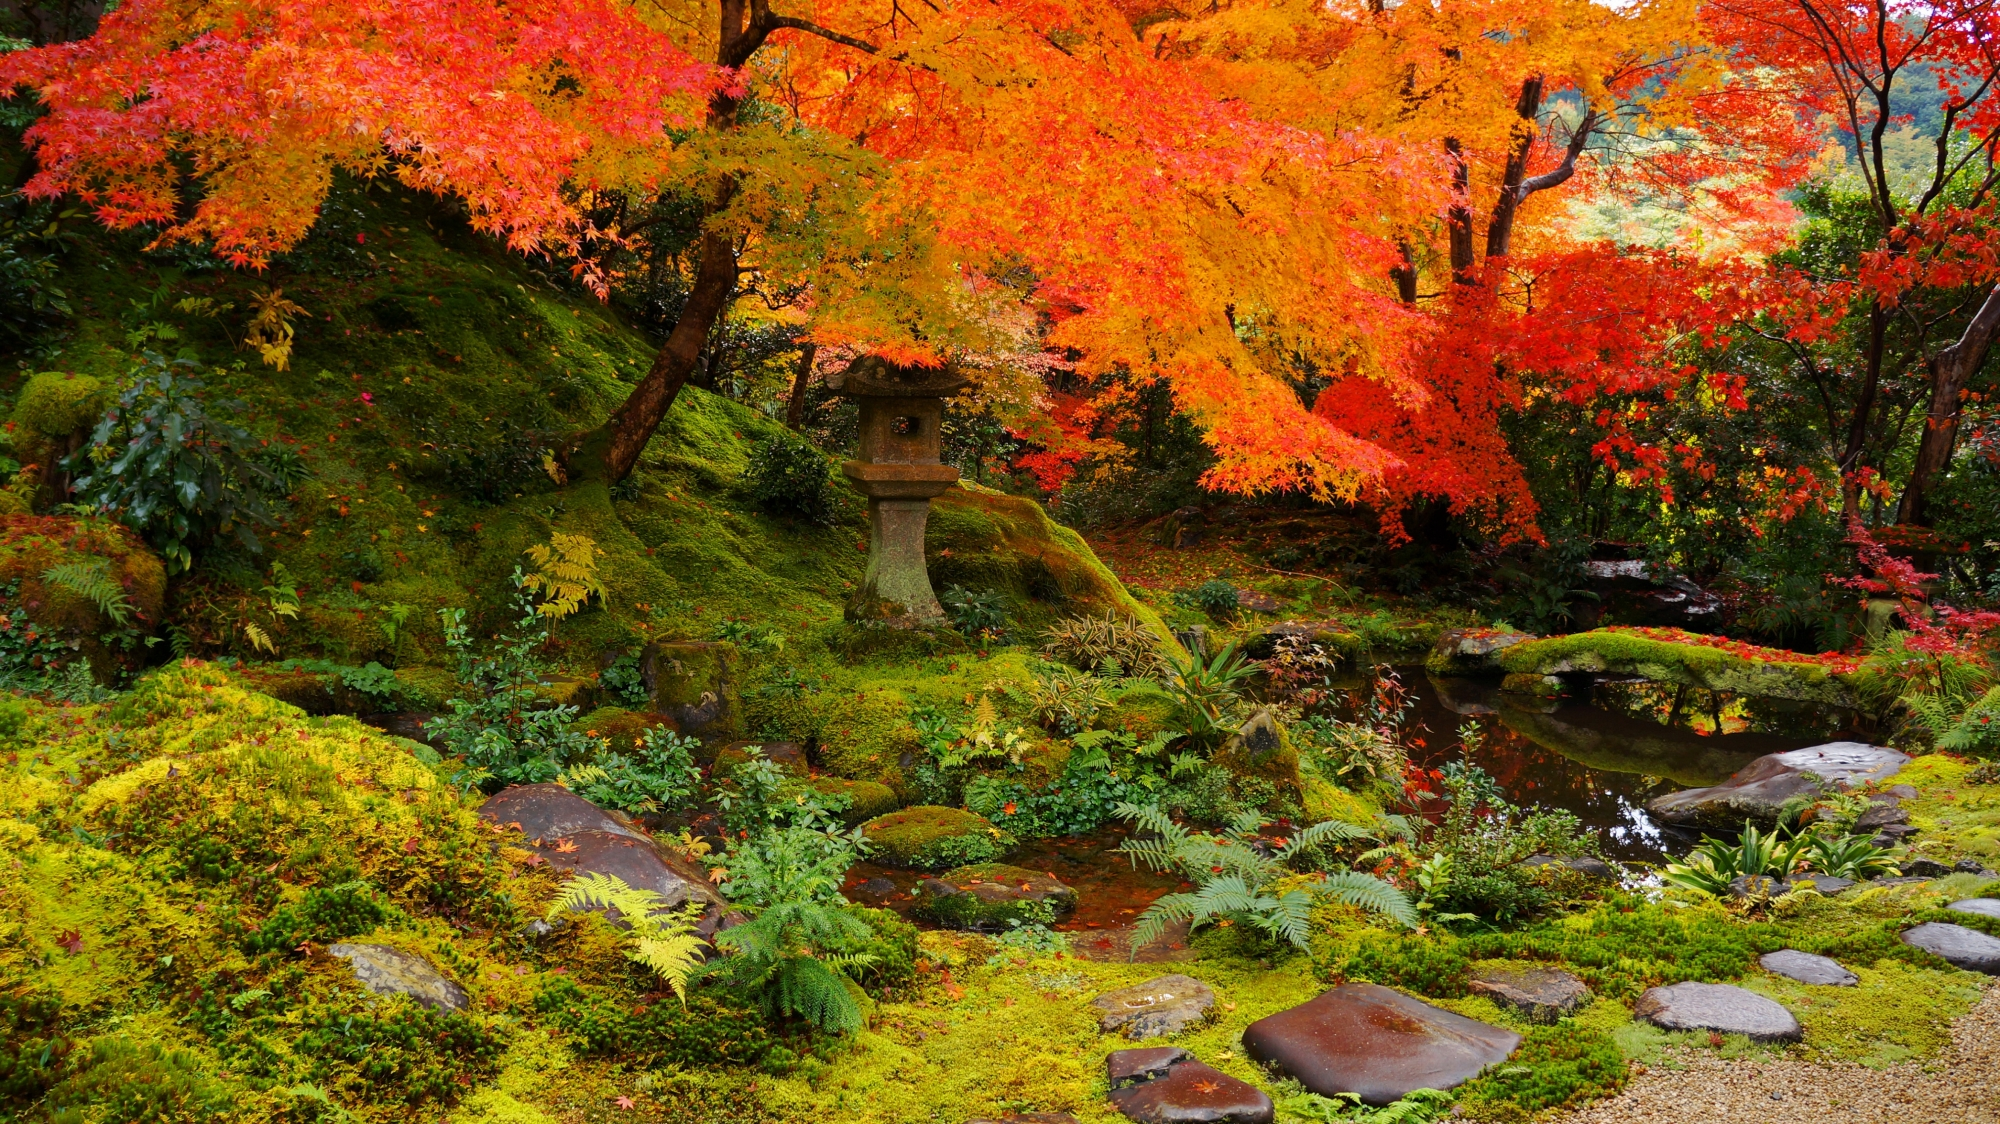 瑠璃光院の風情ある秋の臥龍の庭